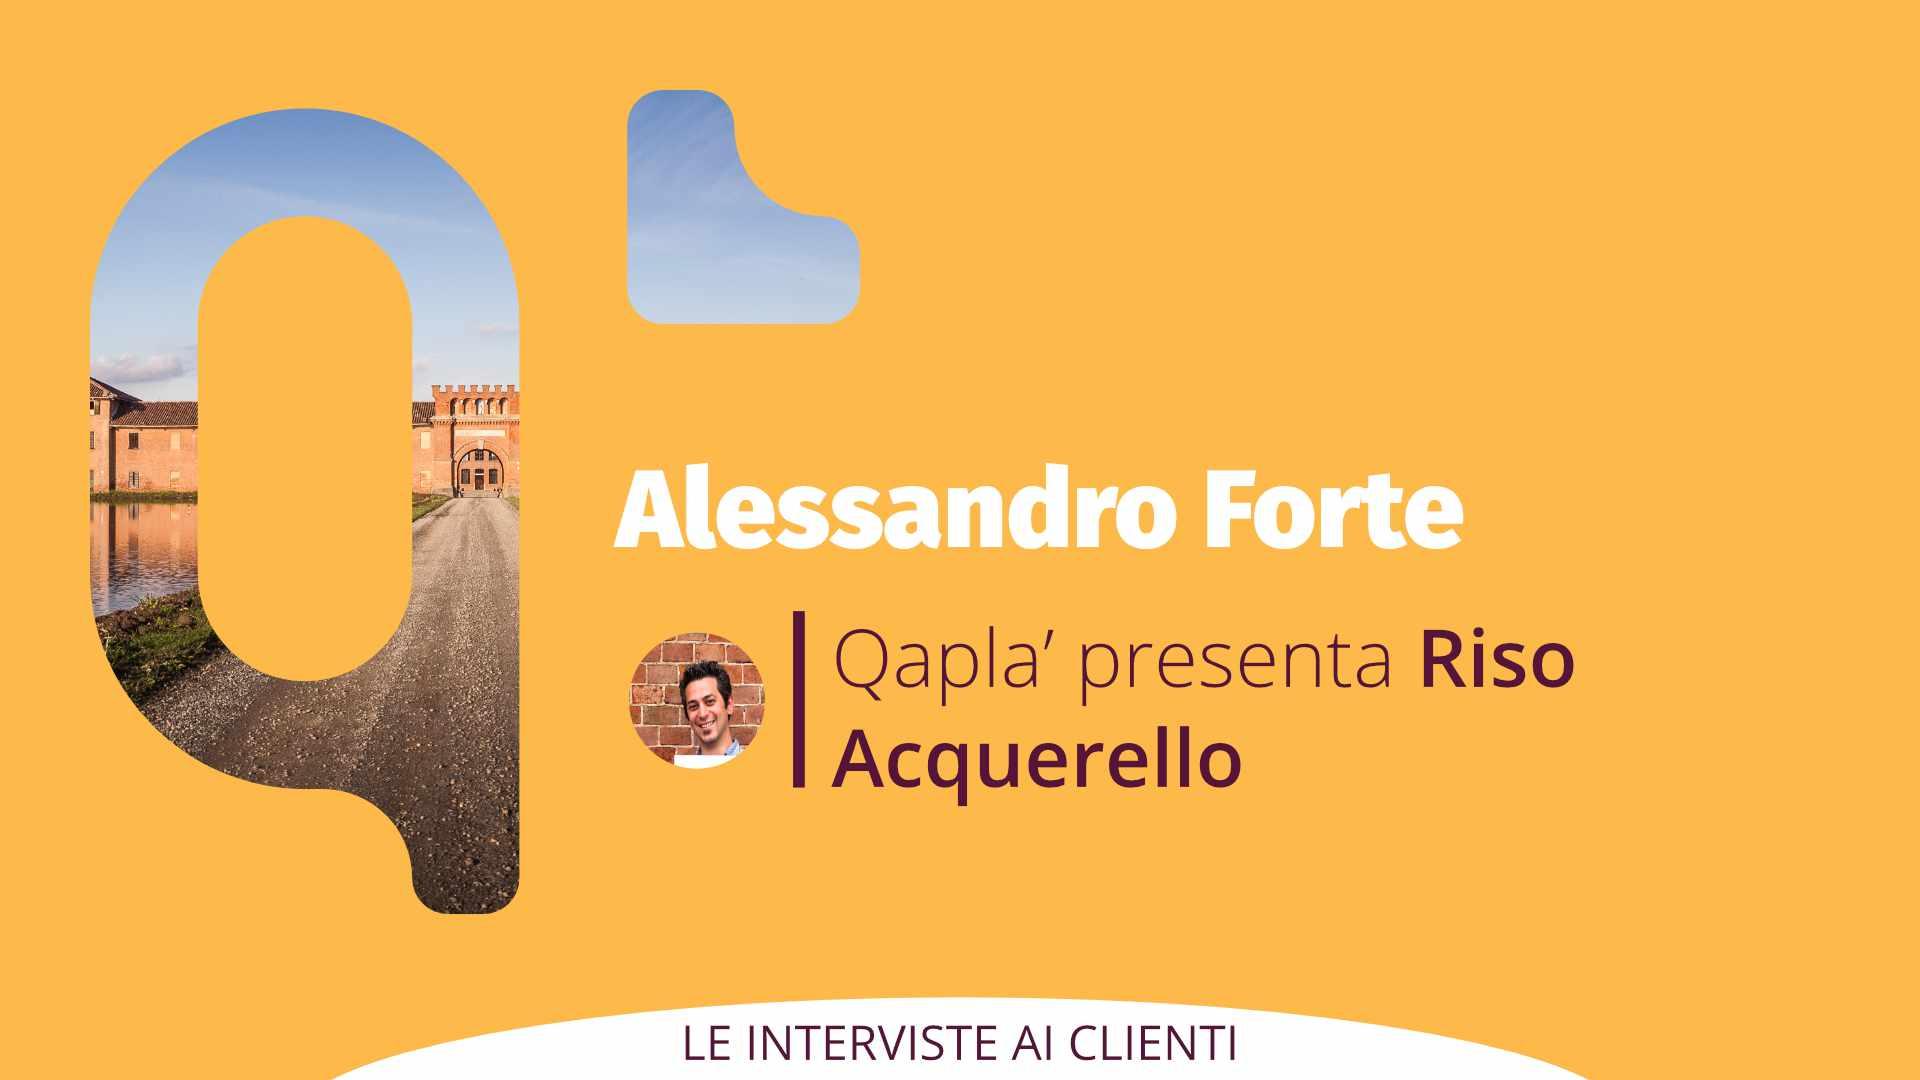 Qapla' presenta Riso Acquerello: Intervista ad Alessandro Forte